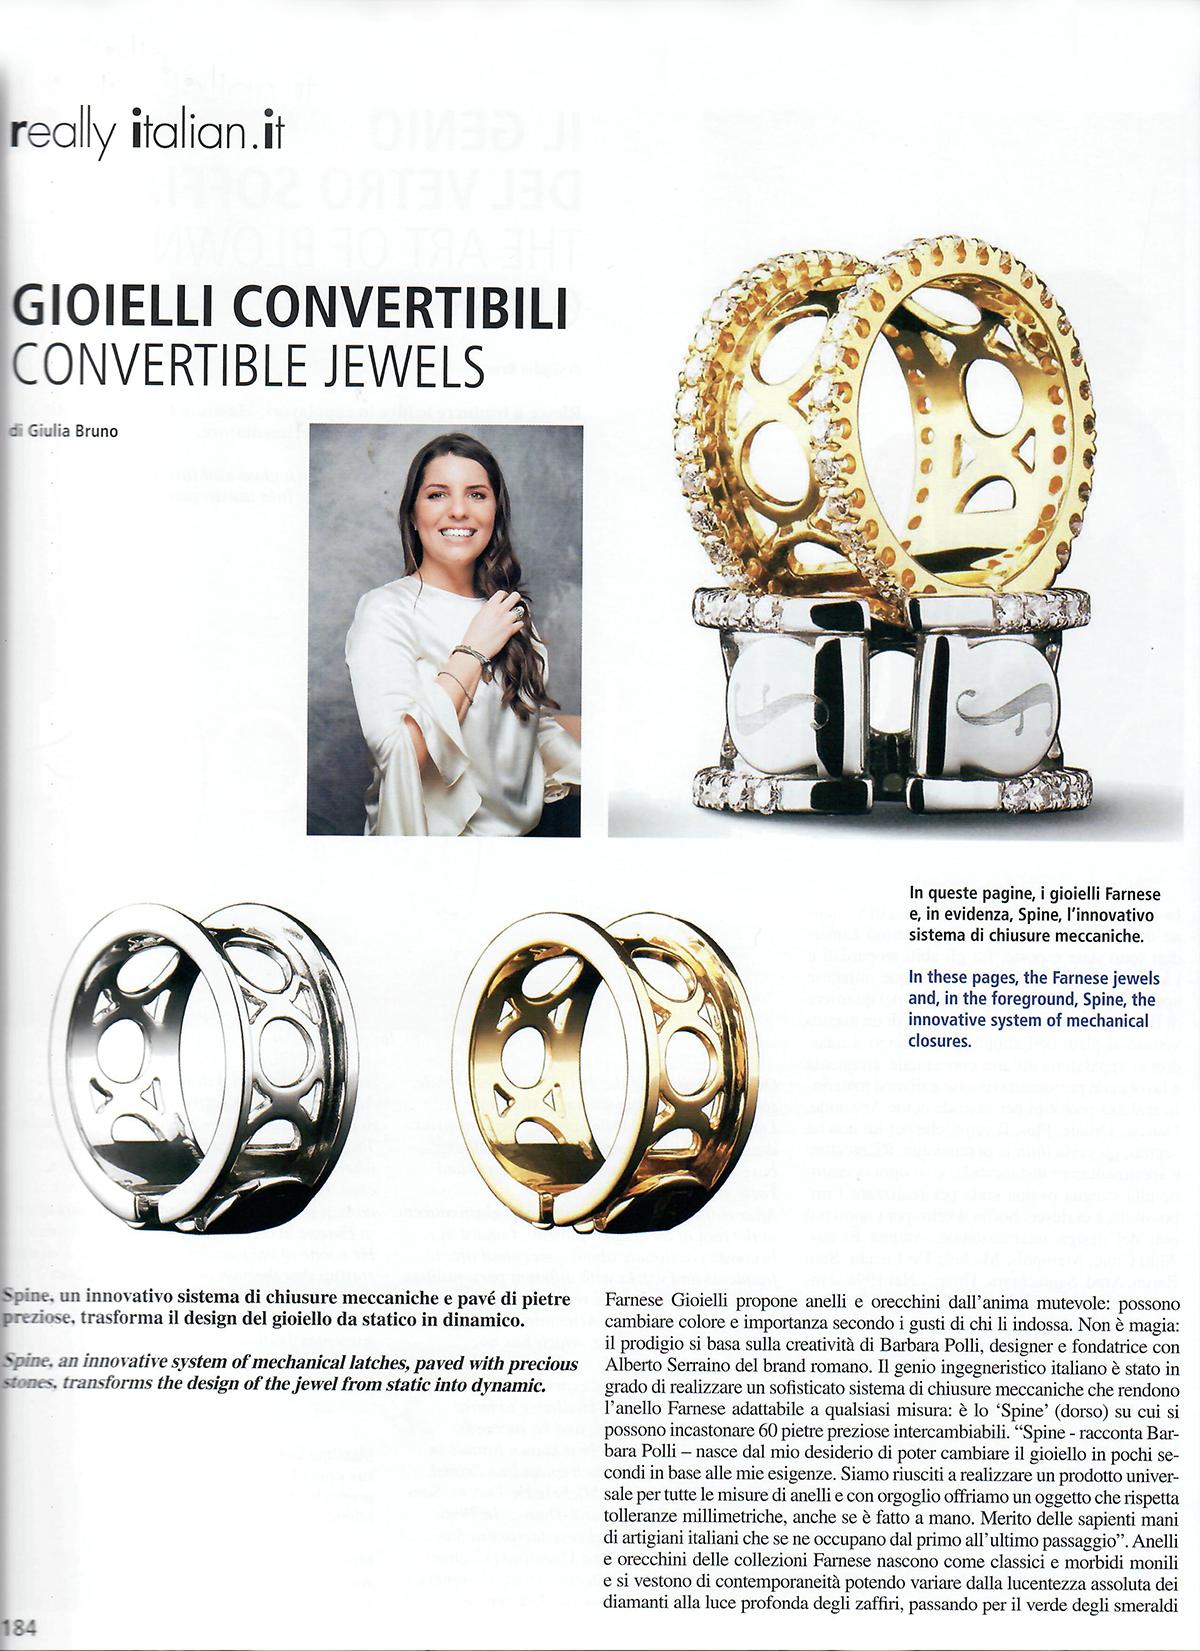 Farnese Gioielli DDN Settembre 2018 - 2-1200